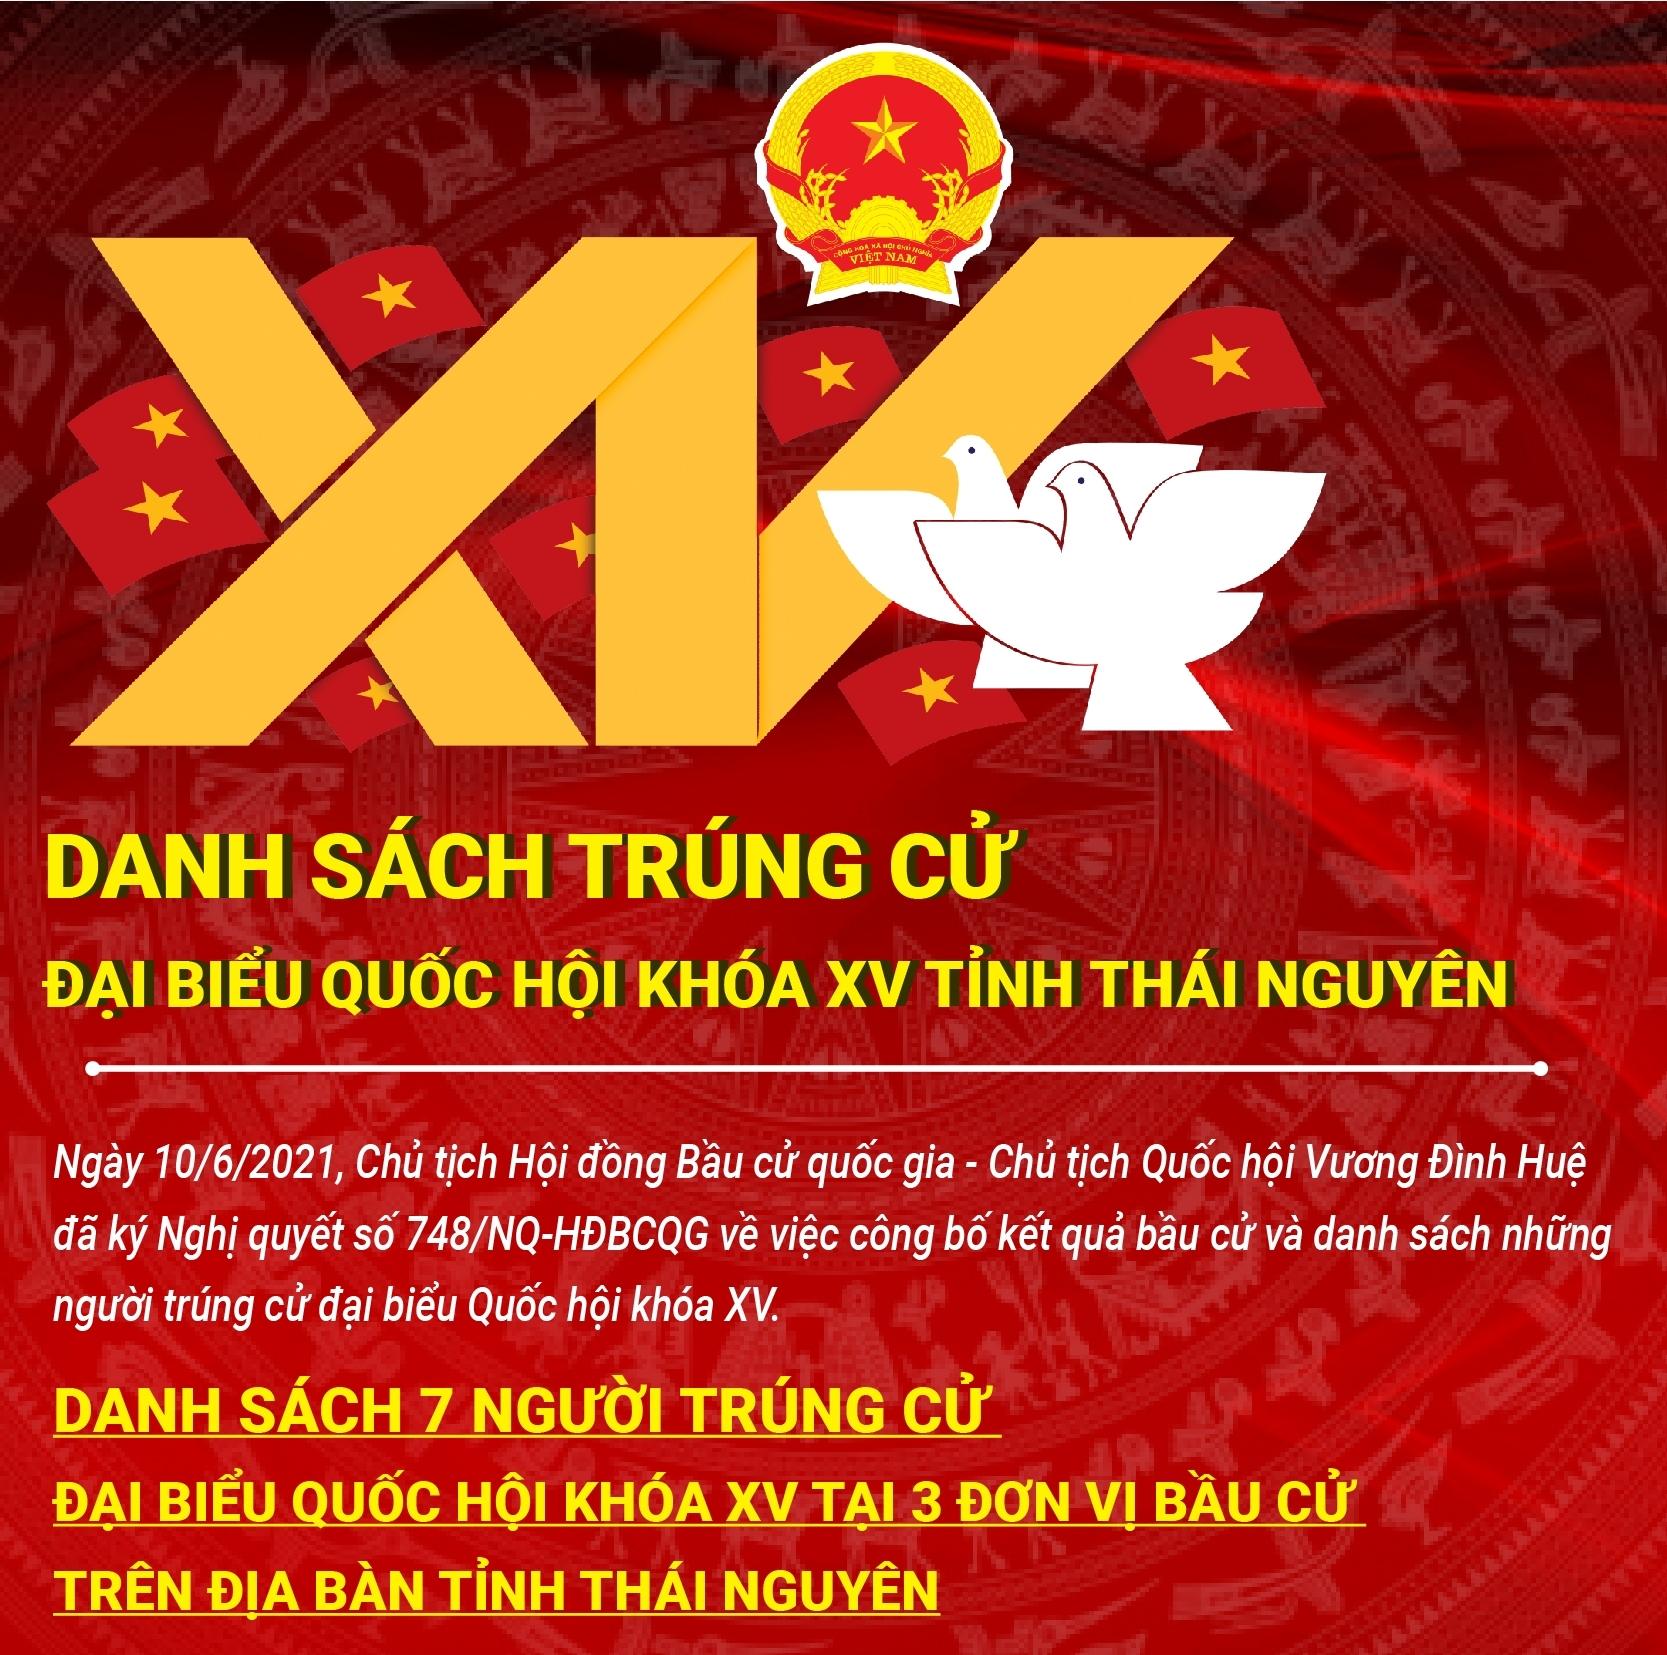 [Infographics]: Danh sách trúng cử đại biểu Quốc hội Khóa XV tỉnh Thái Nguyên